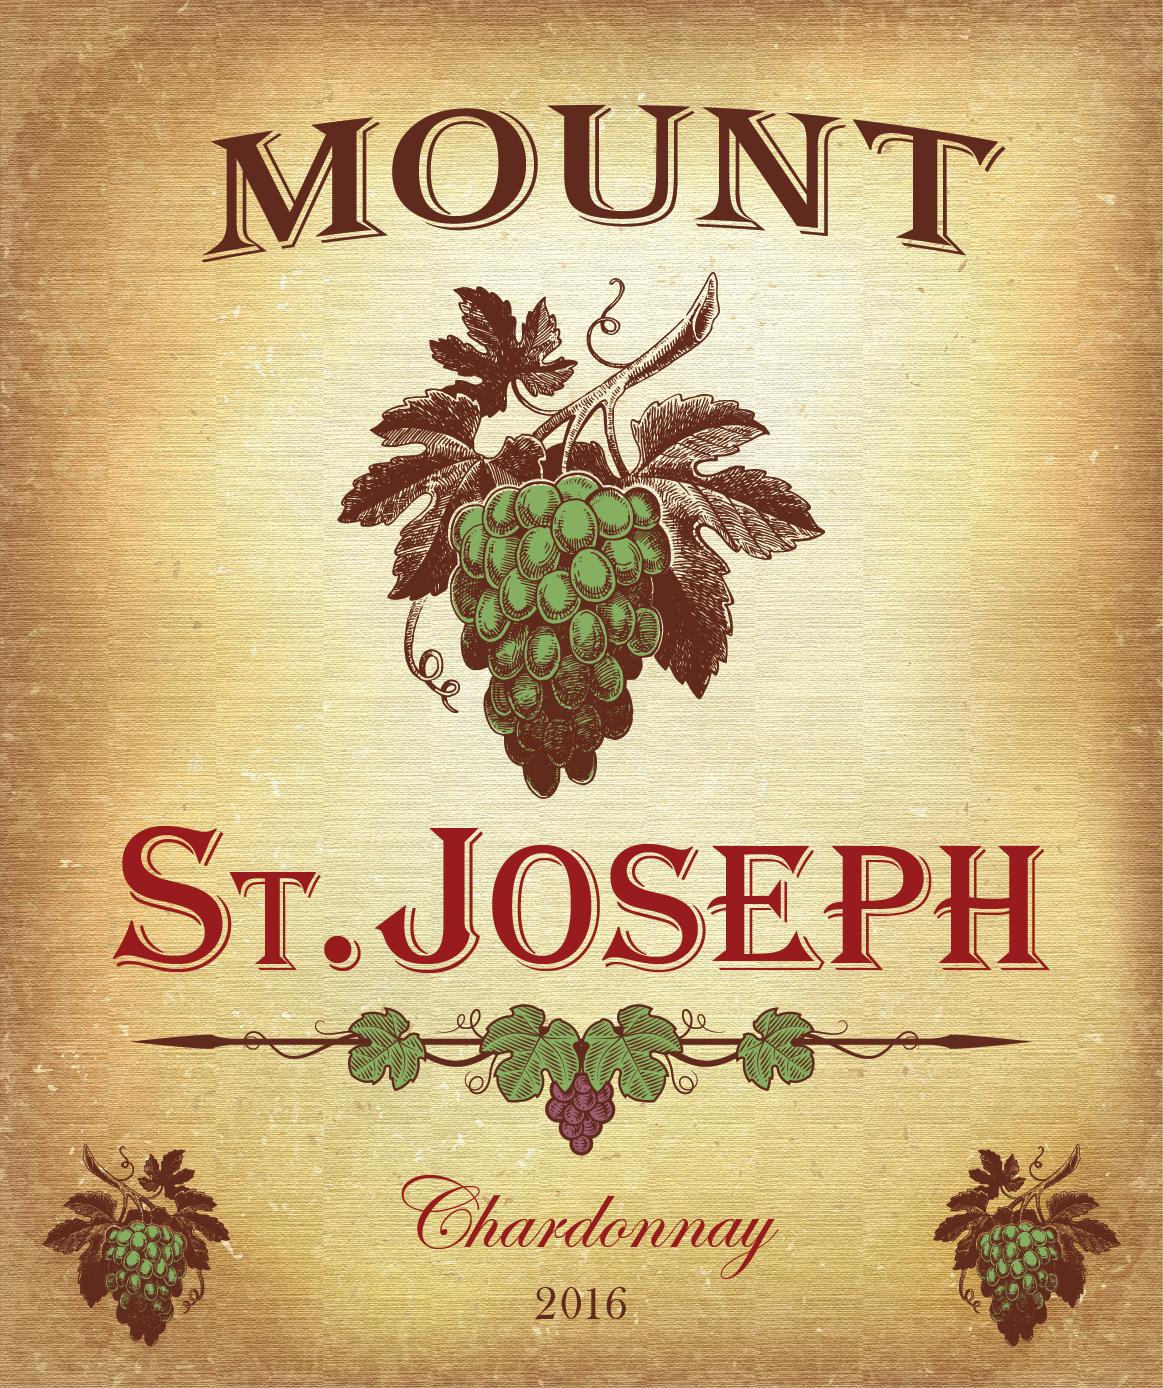 mount-st-joseph-label-v7.jpg